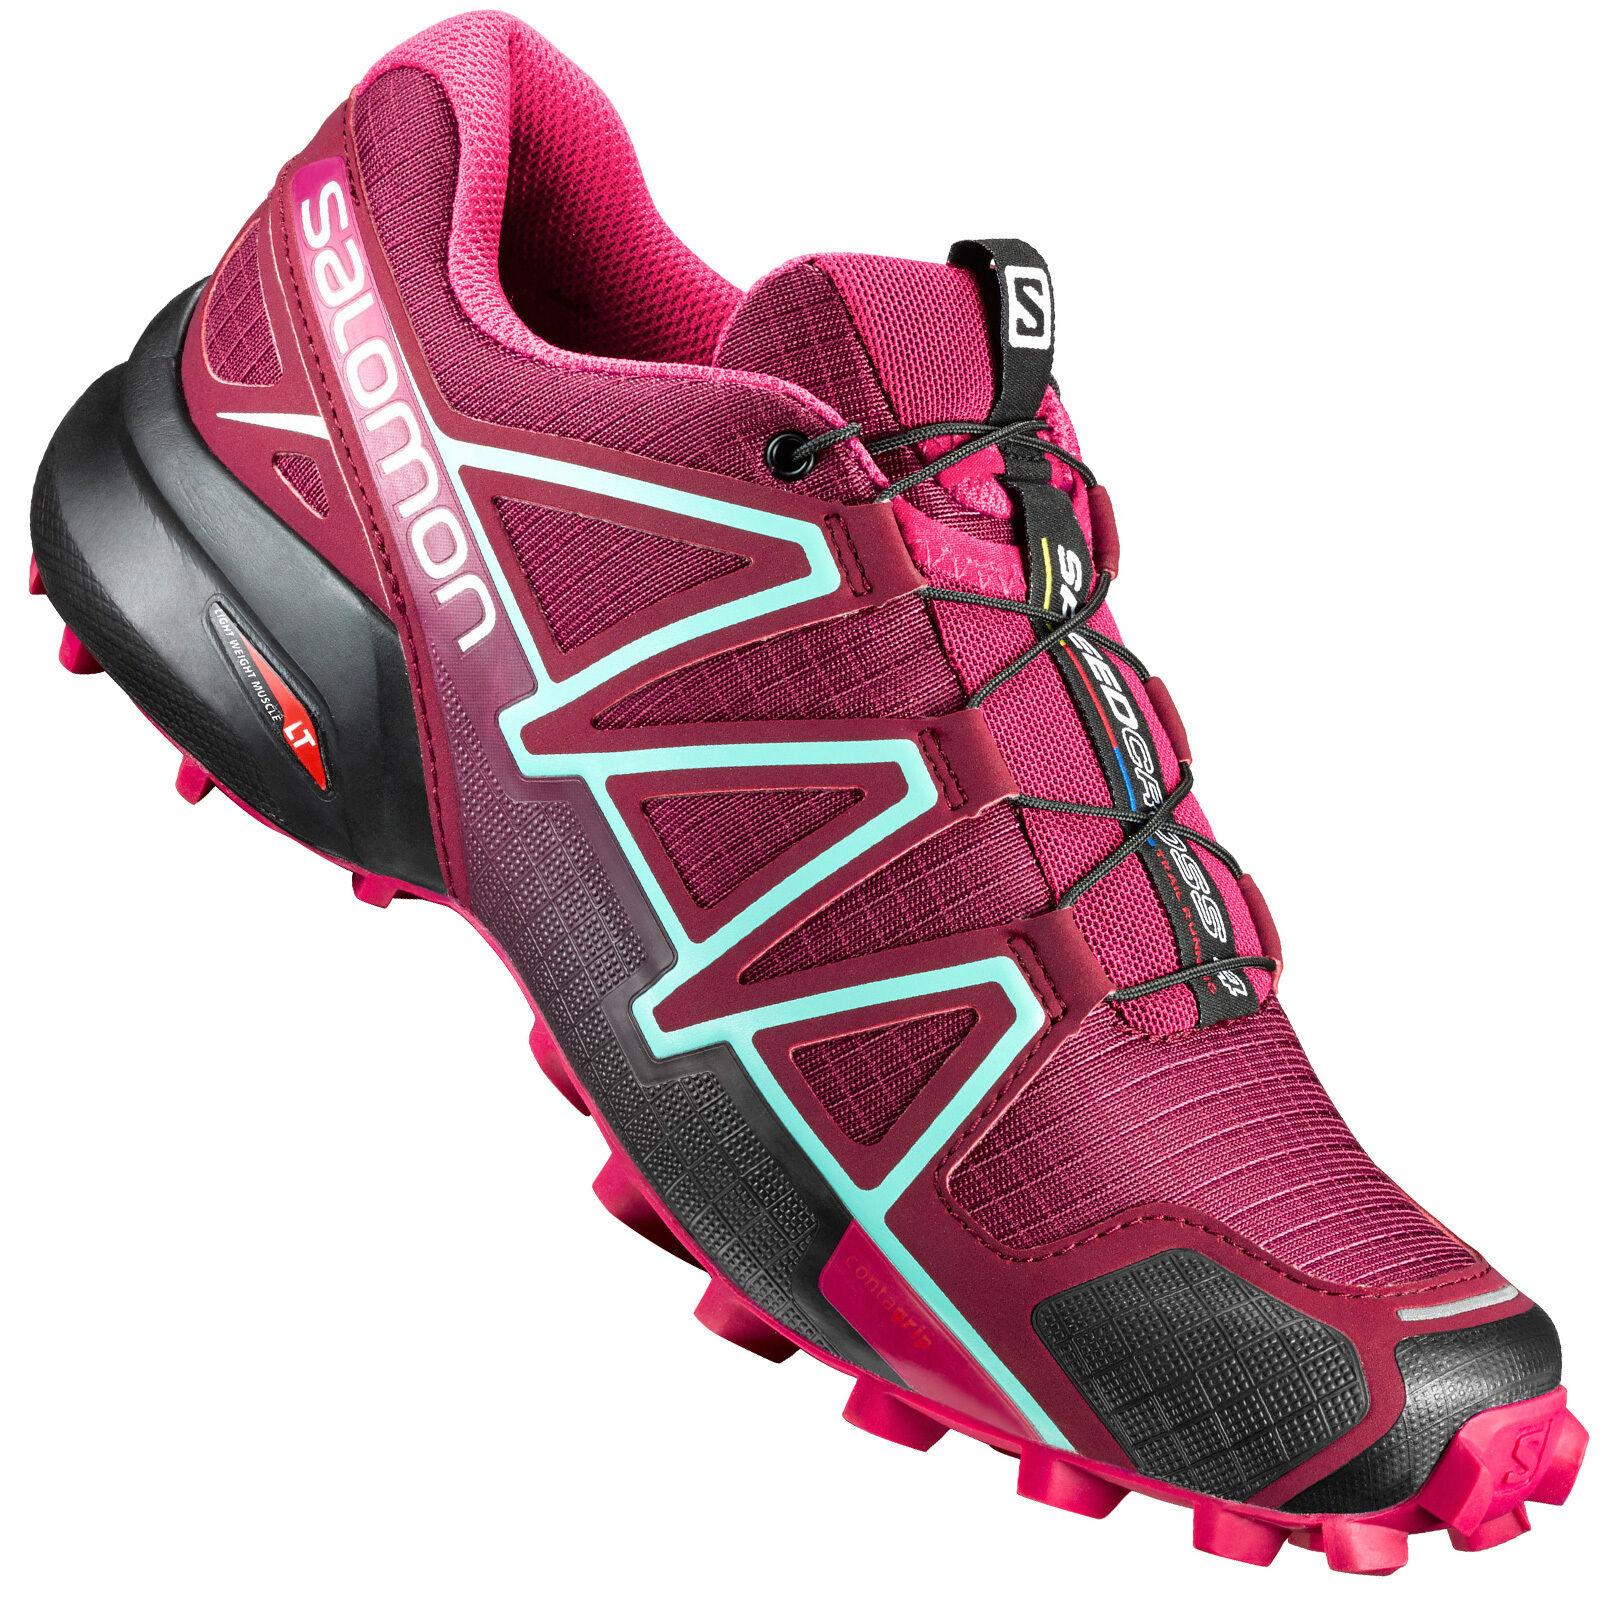 Salomon Speedcross 4 W Damen-Laufschuhe Cross-Schuhe Cross-Schuhe Cross-Schuhe Outdoor Hiking-Schuhe NEU b75768